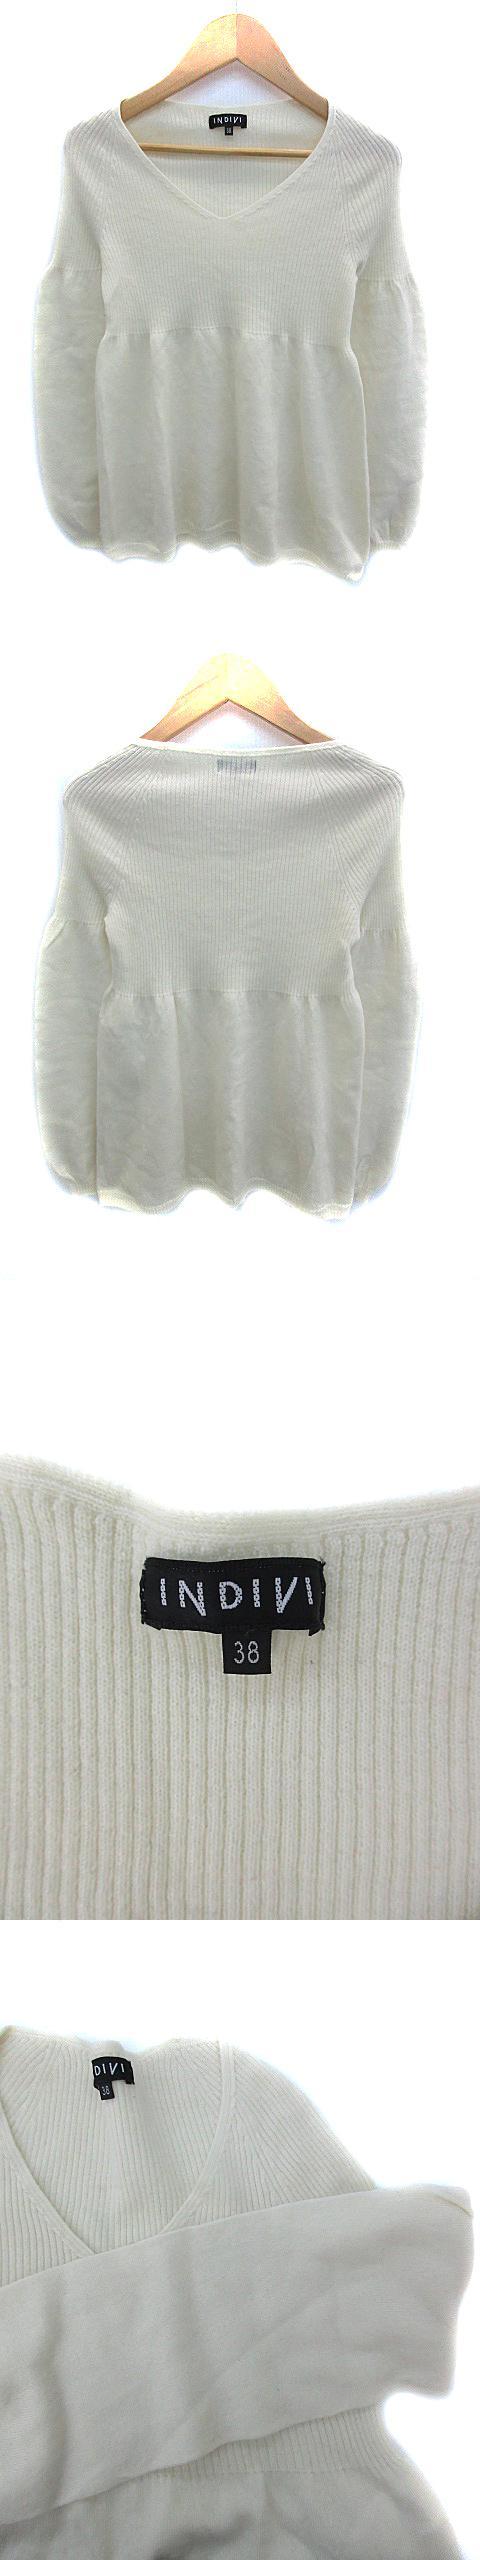 ニット カットソー リブ Vネック 長袖 パフスリーブ ウール 38 オフホワイト /NS21